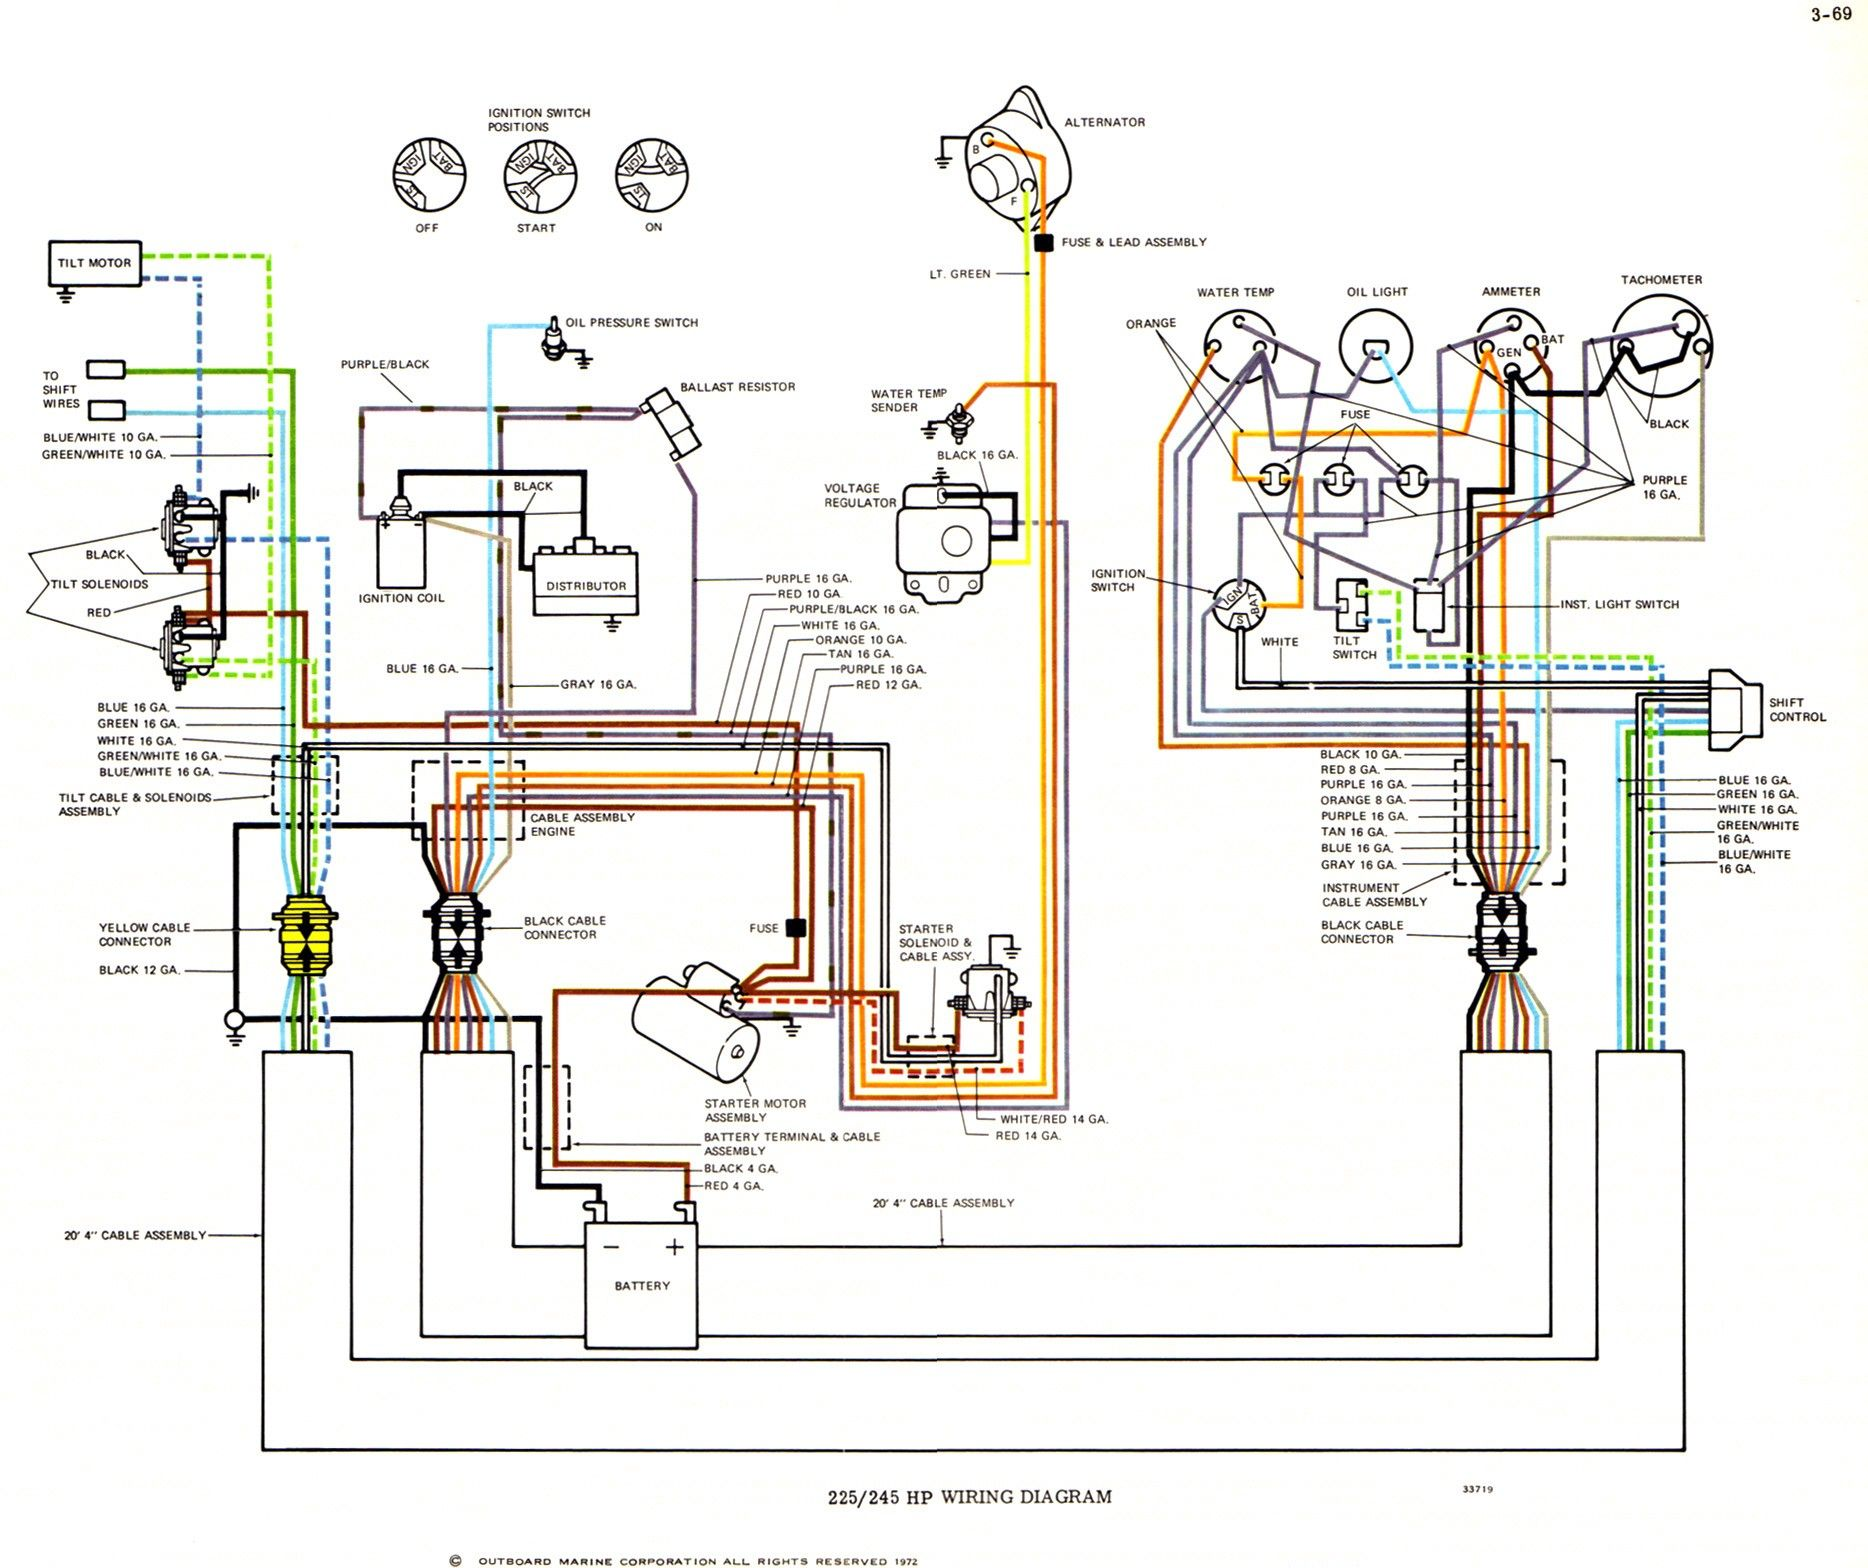 Diagrams Digramssample Diagramimages Wiringdiagramsample Wiringdiagram Electrical Wiring Diagram Boat Wiring Electrical Wiring